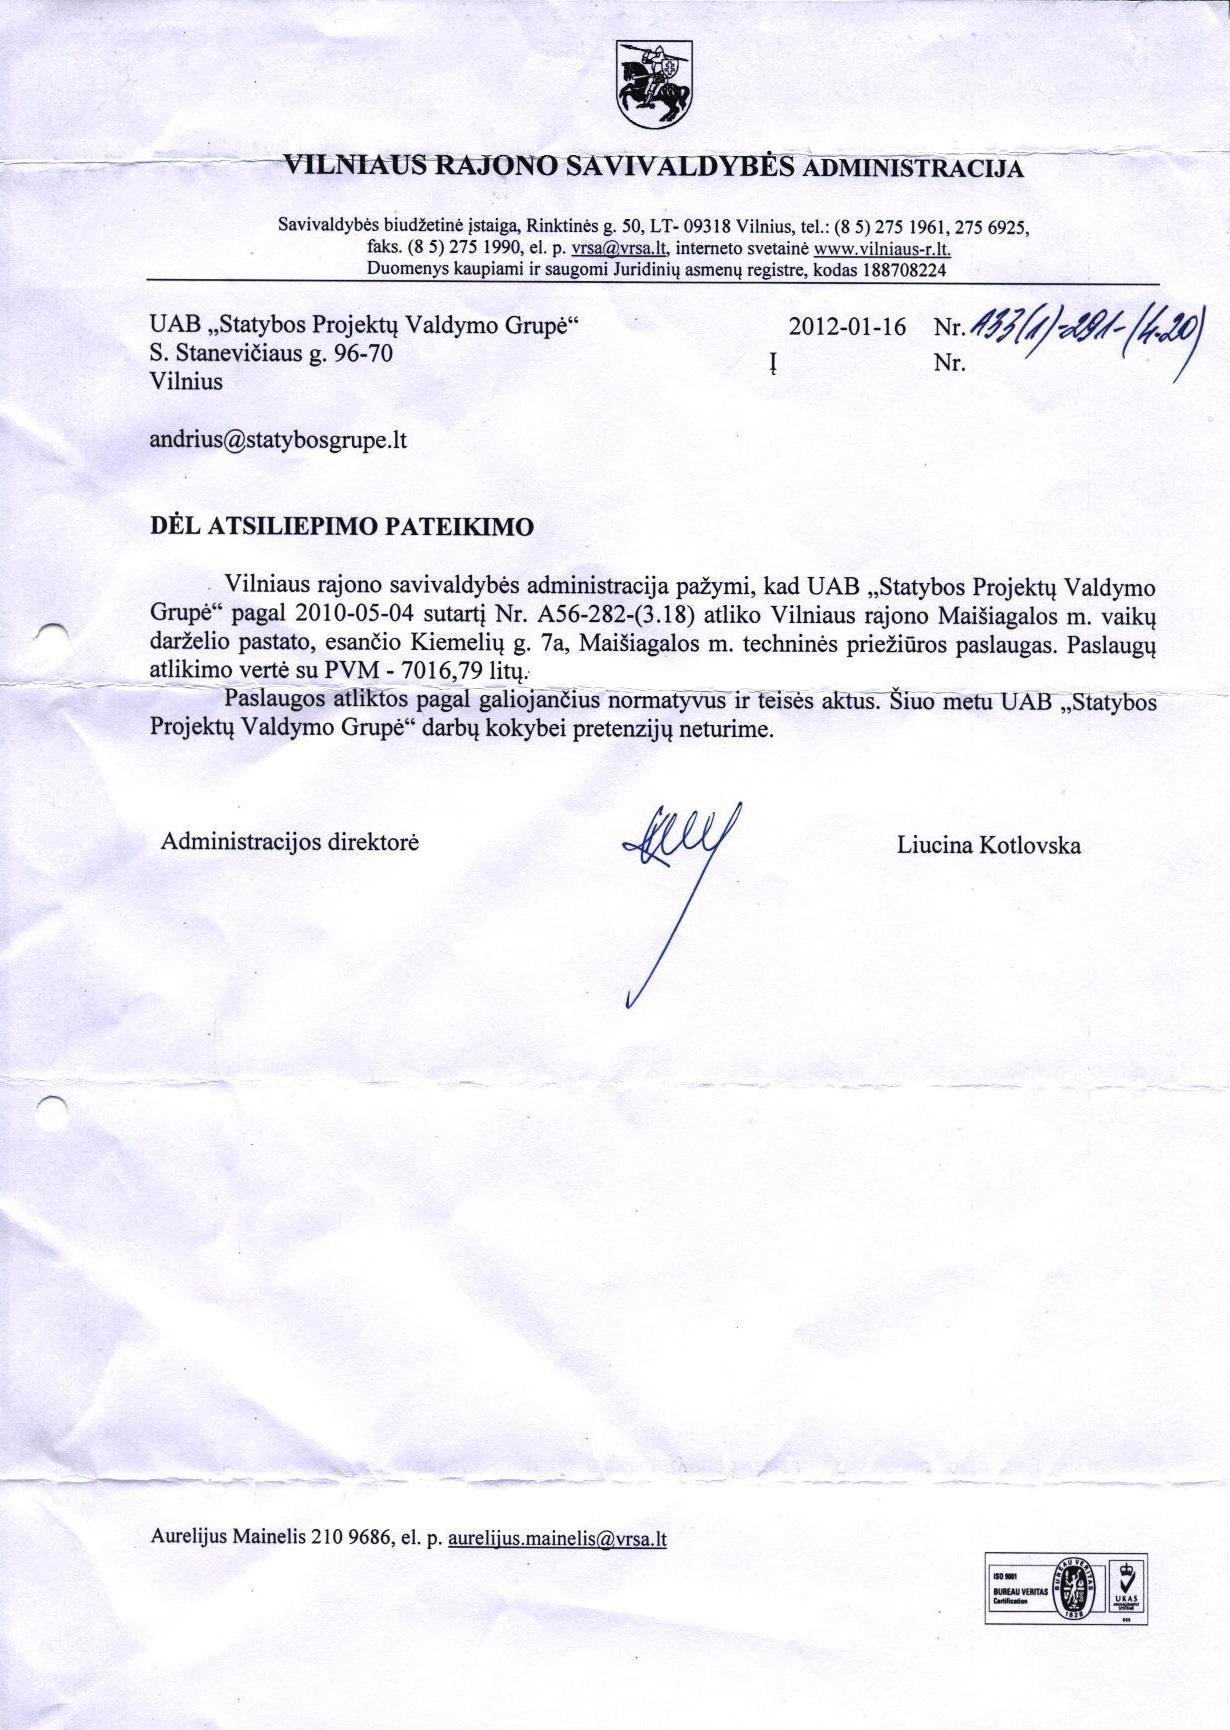 Vilniaus rajono savivaldybės administracijos rekomendacija 2012-01-16